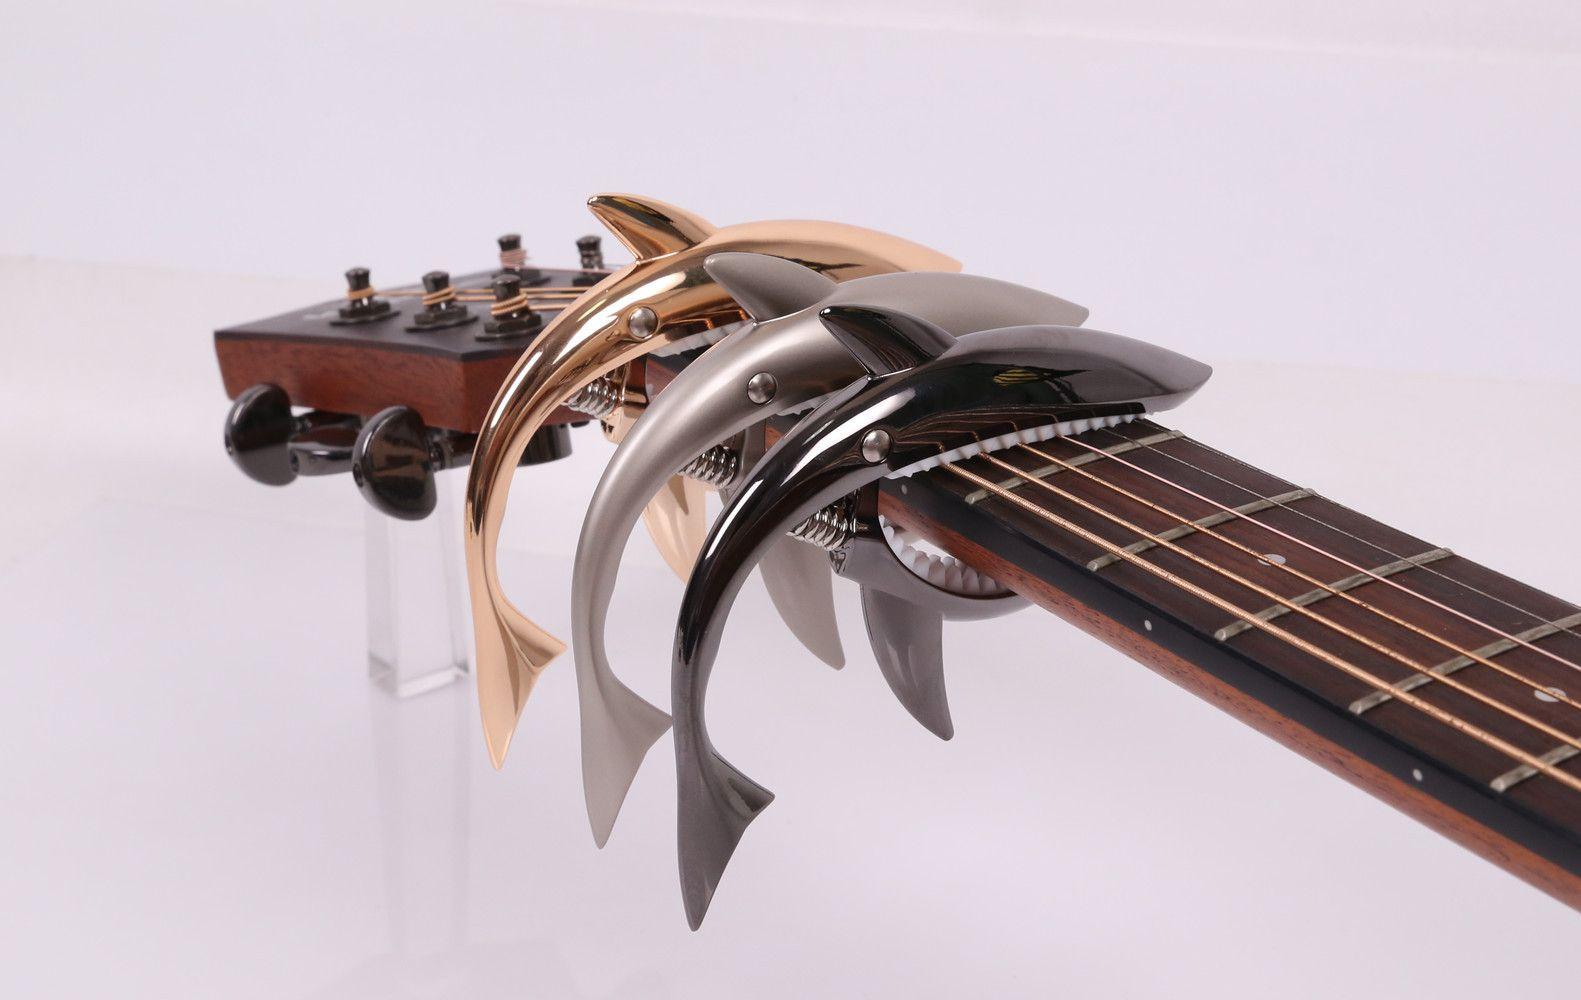 2017 الجديدة عالية الجودة الاكسسوارات الغيتار أسماك القرش قوم الغيتار كابو الصوتية خشبي كابو الصوت كليب